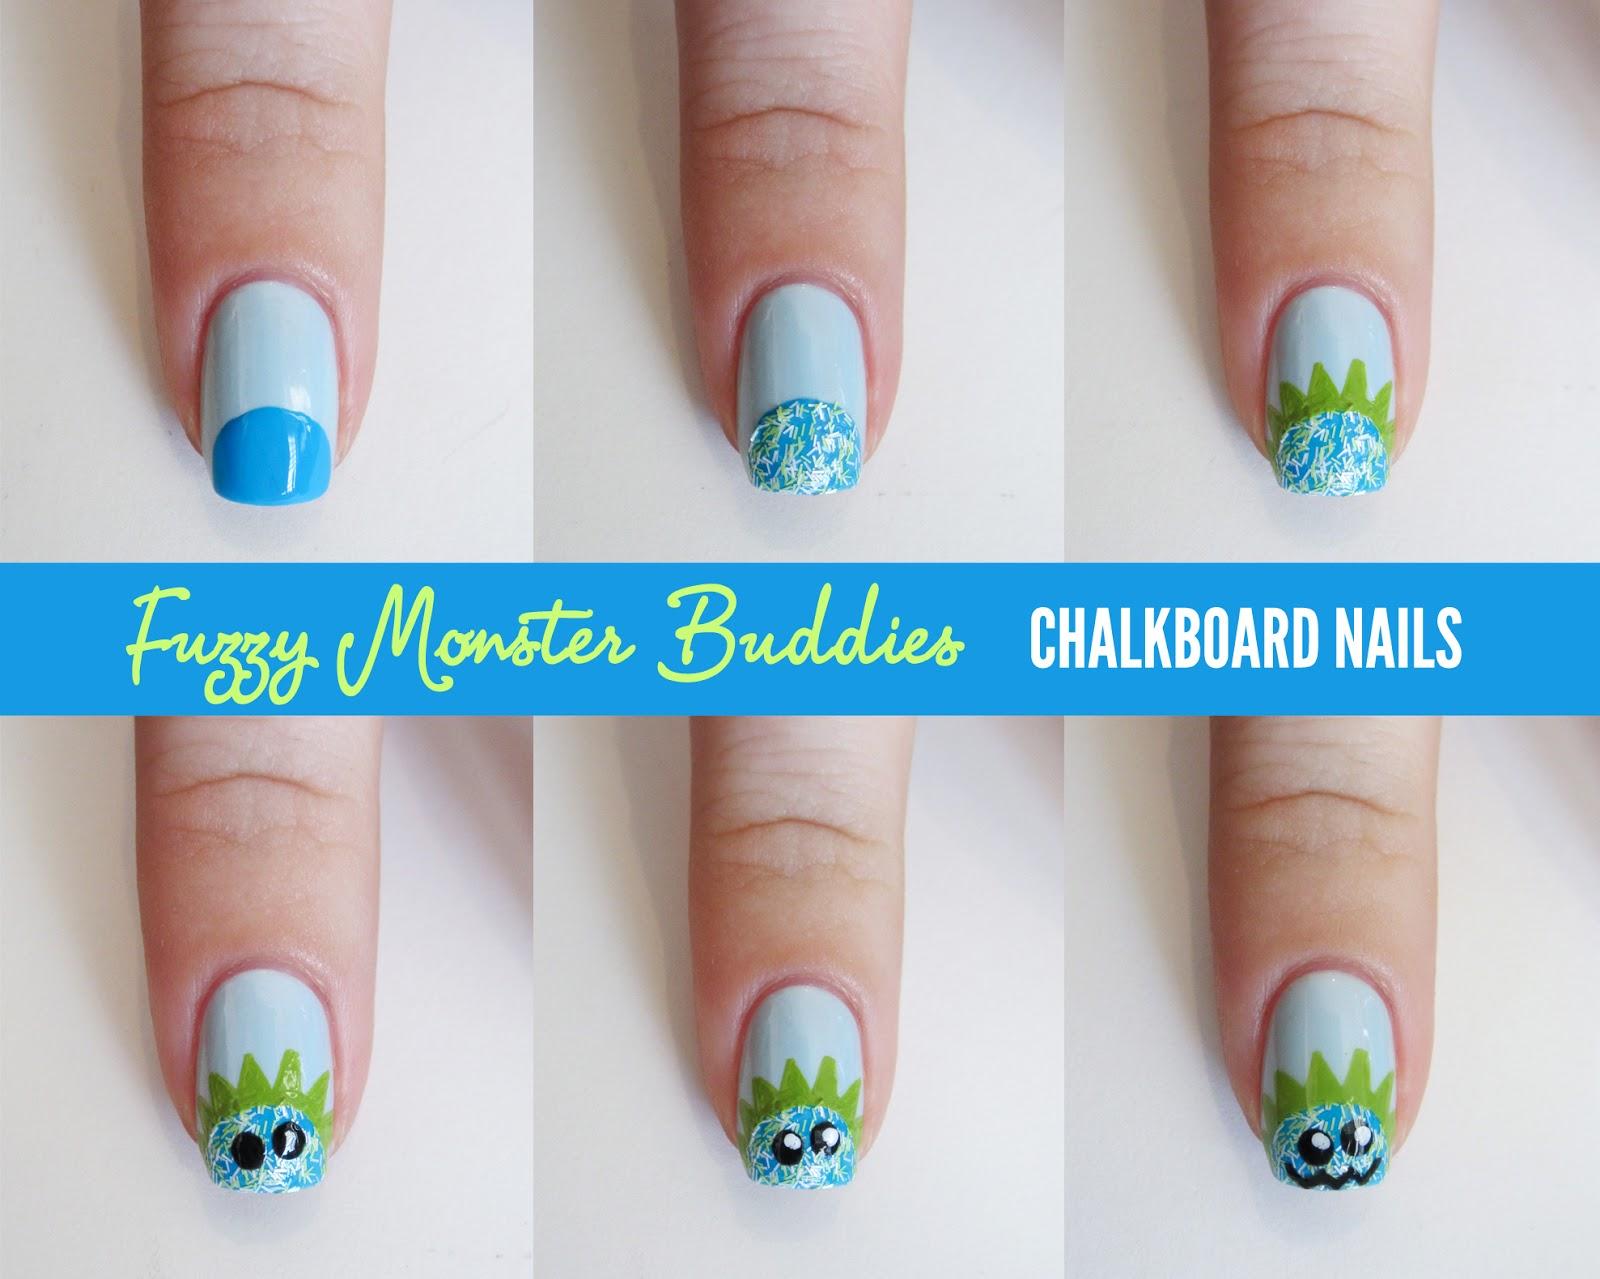 Tutorial Sally Hansen Fuzzy Monster Buddies Chalkboard Nails